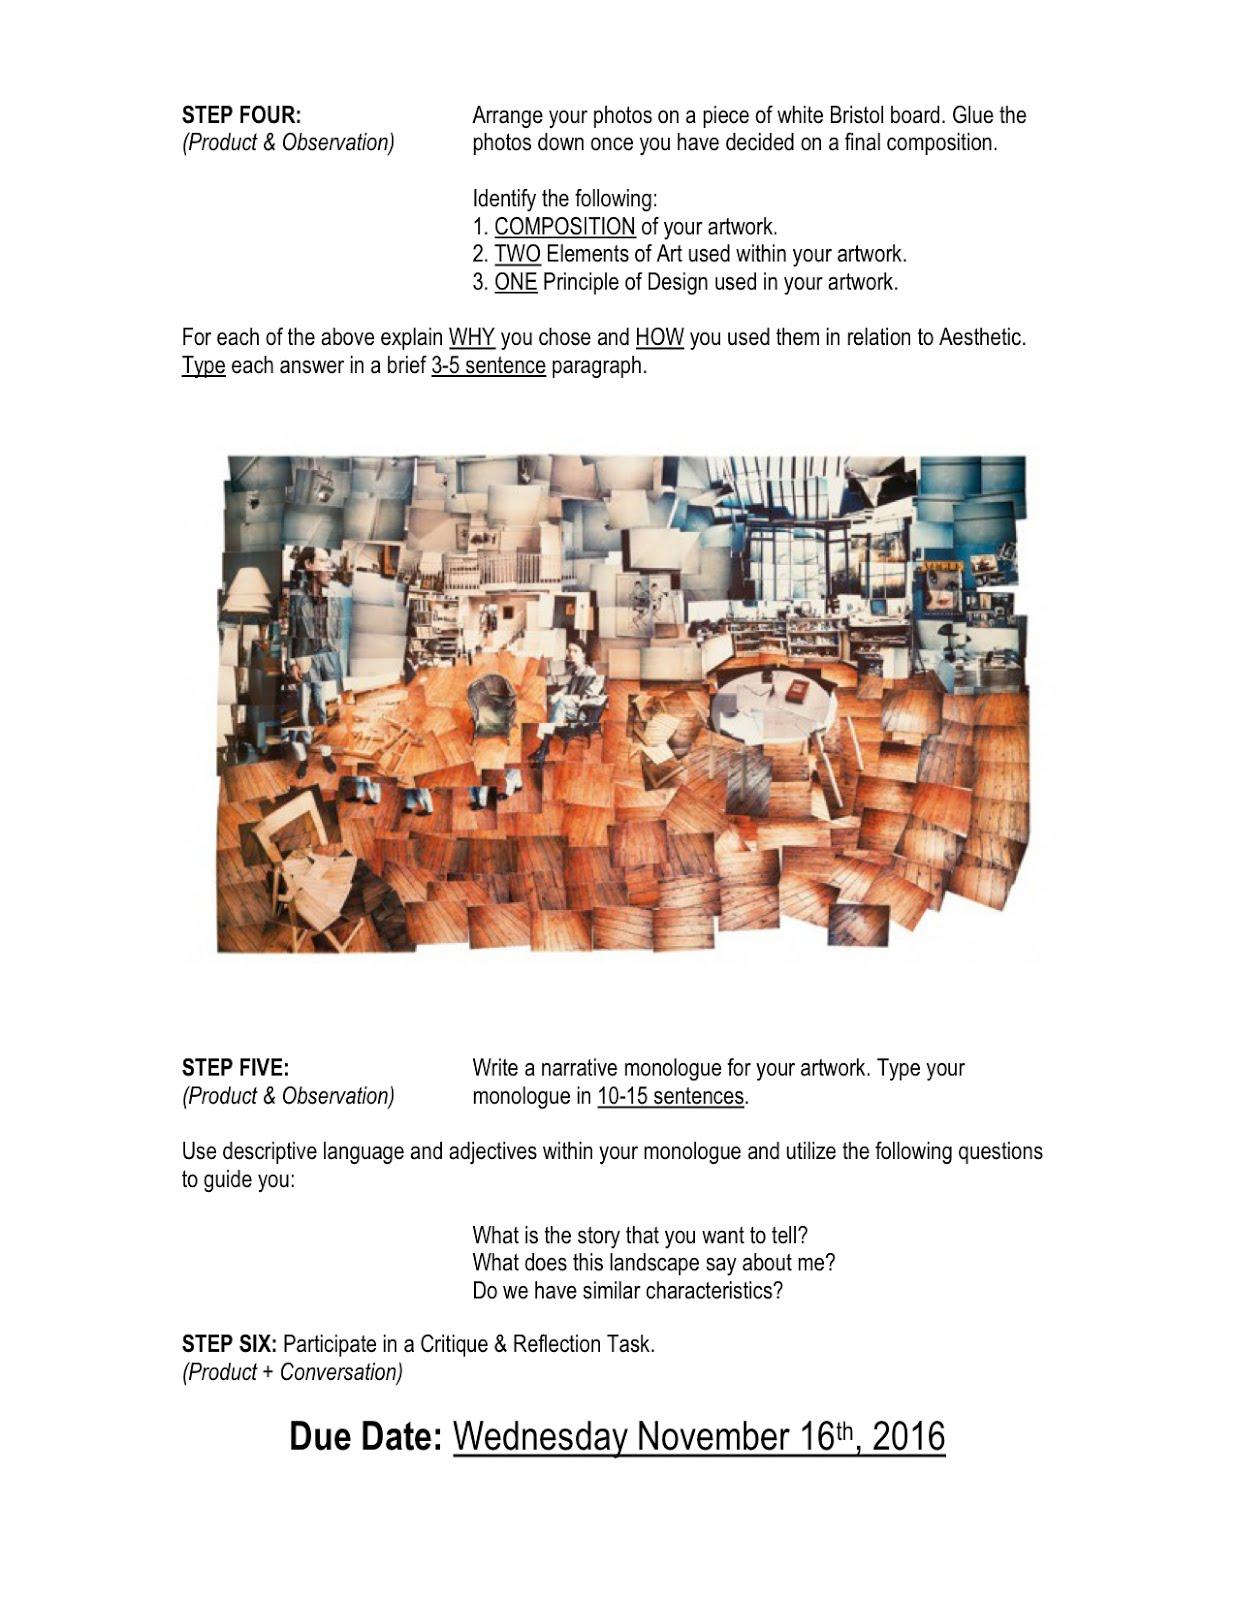 SJA Year 5 (Grade 10) MYP Blog: The Arts - ASM2O - Media Arts